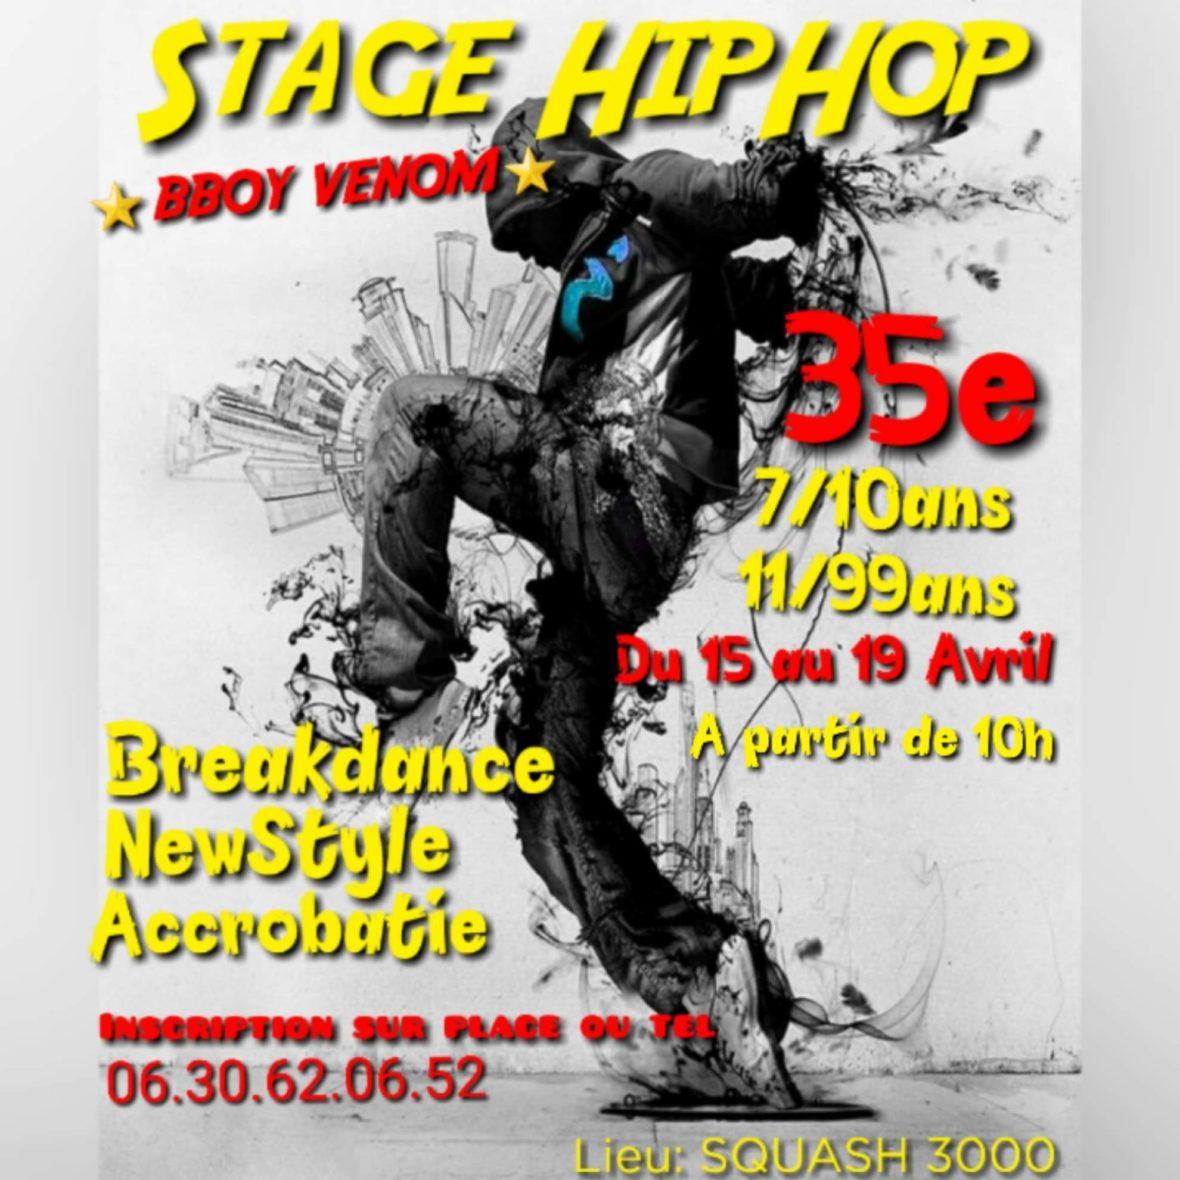 Stage de hip-hop et de breakdance